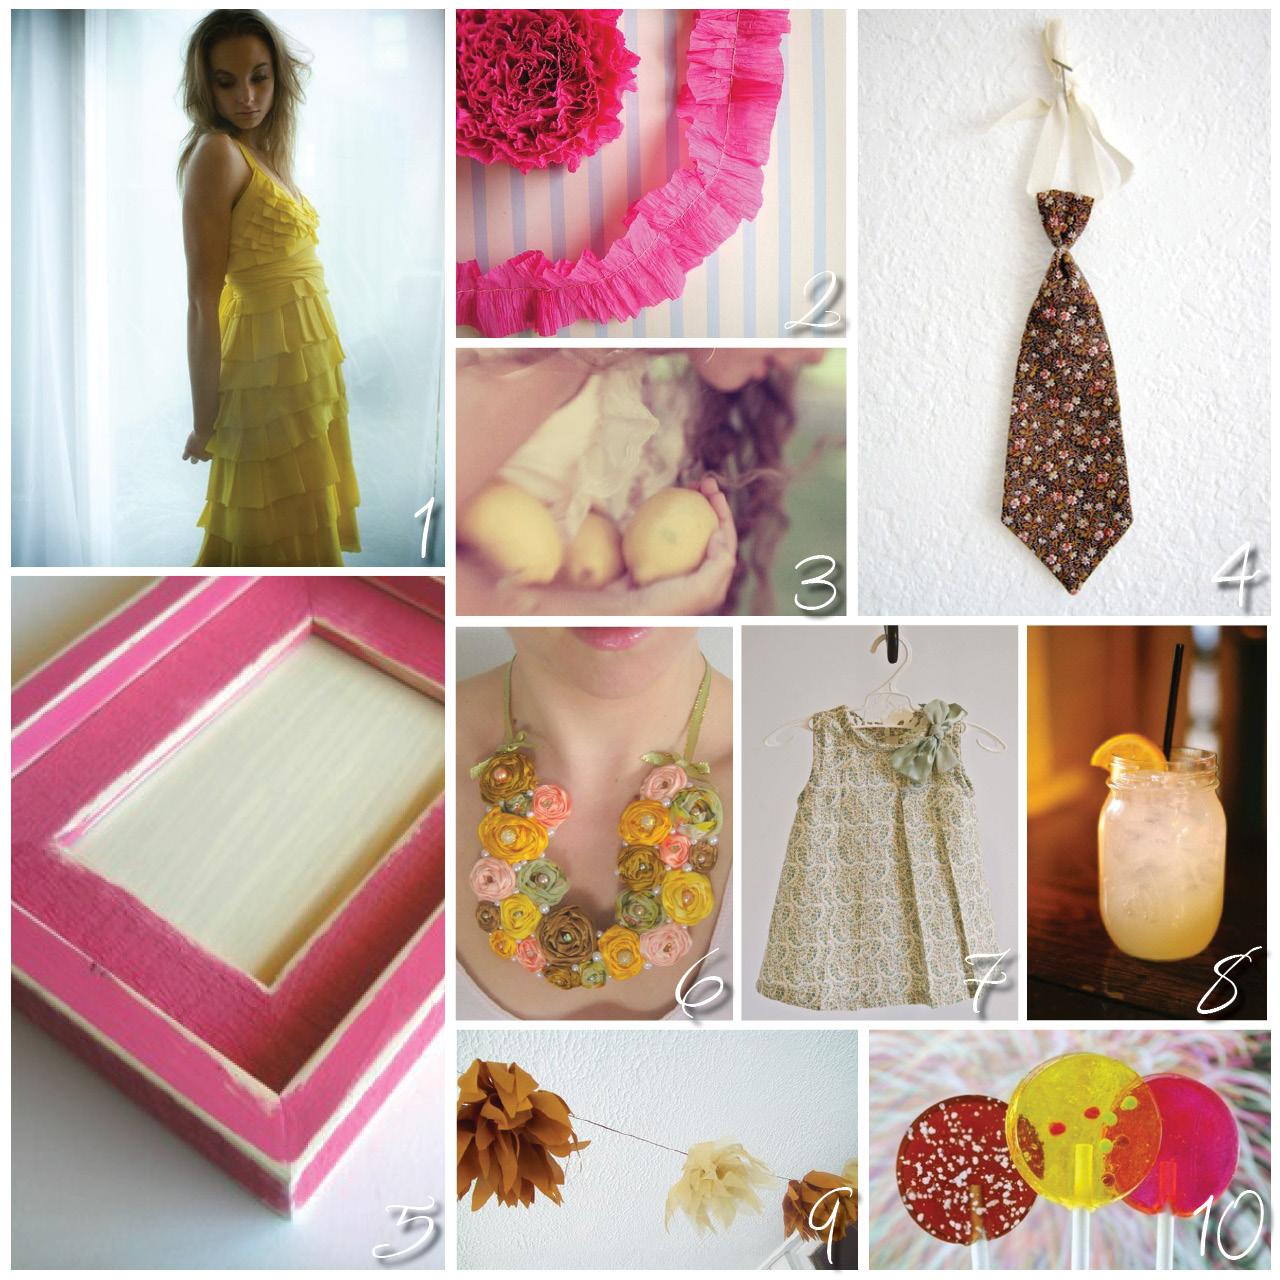 http://4.bp.blogspot.com/_soO-_ikRlVo/TD686V8umRI/AAAAAAAABE4/34QKApWrqAc/s1600/Lemon,+Pink,+Brown,+Pistachio+Etsy+Wedding.jpg